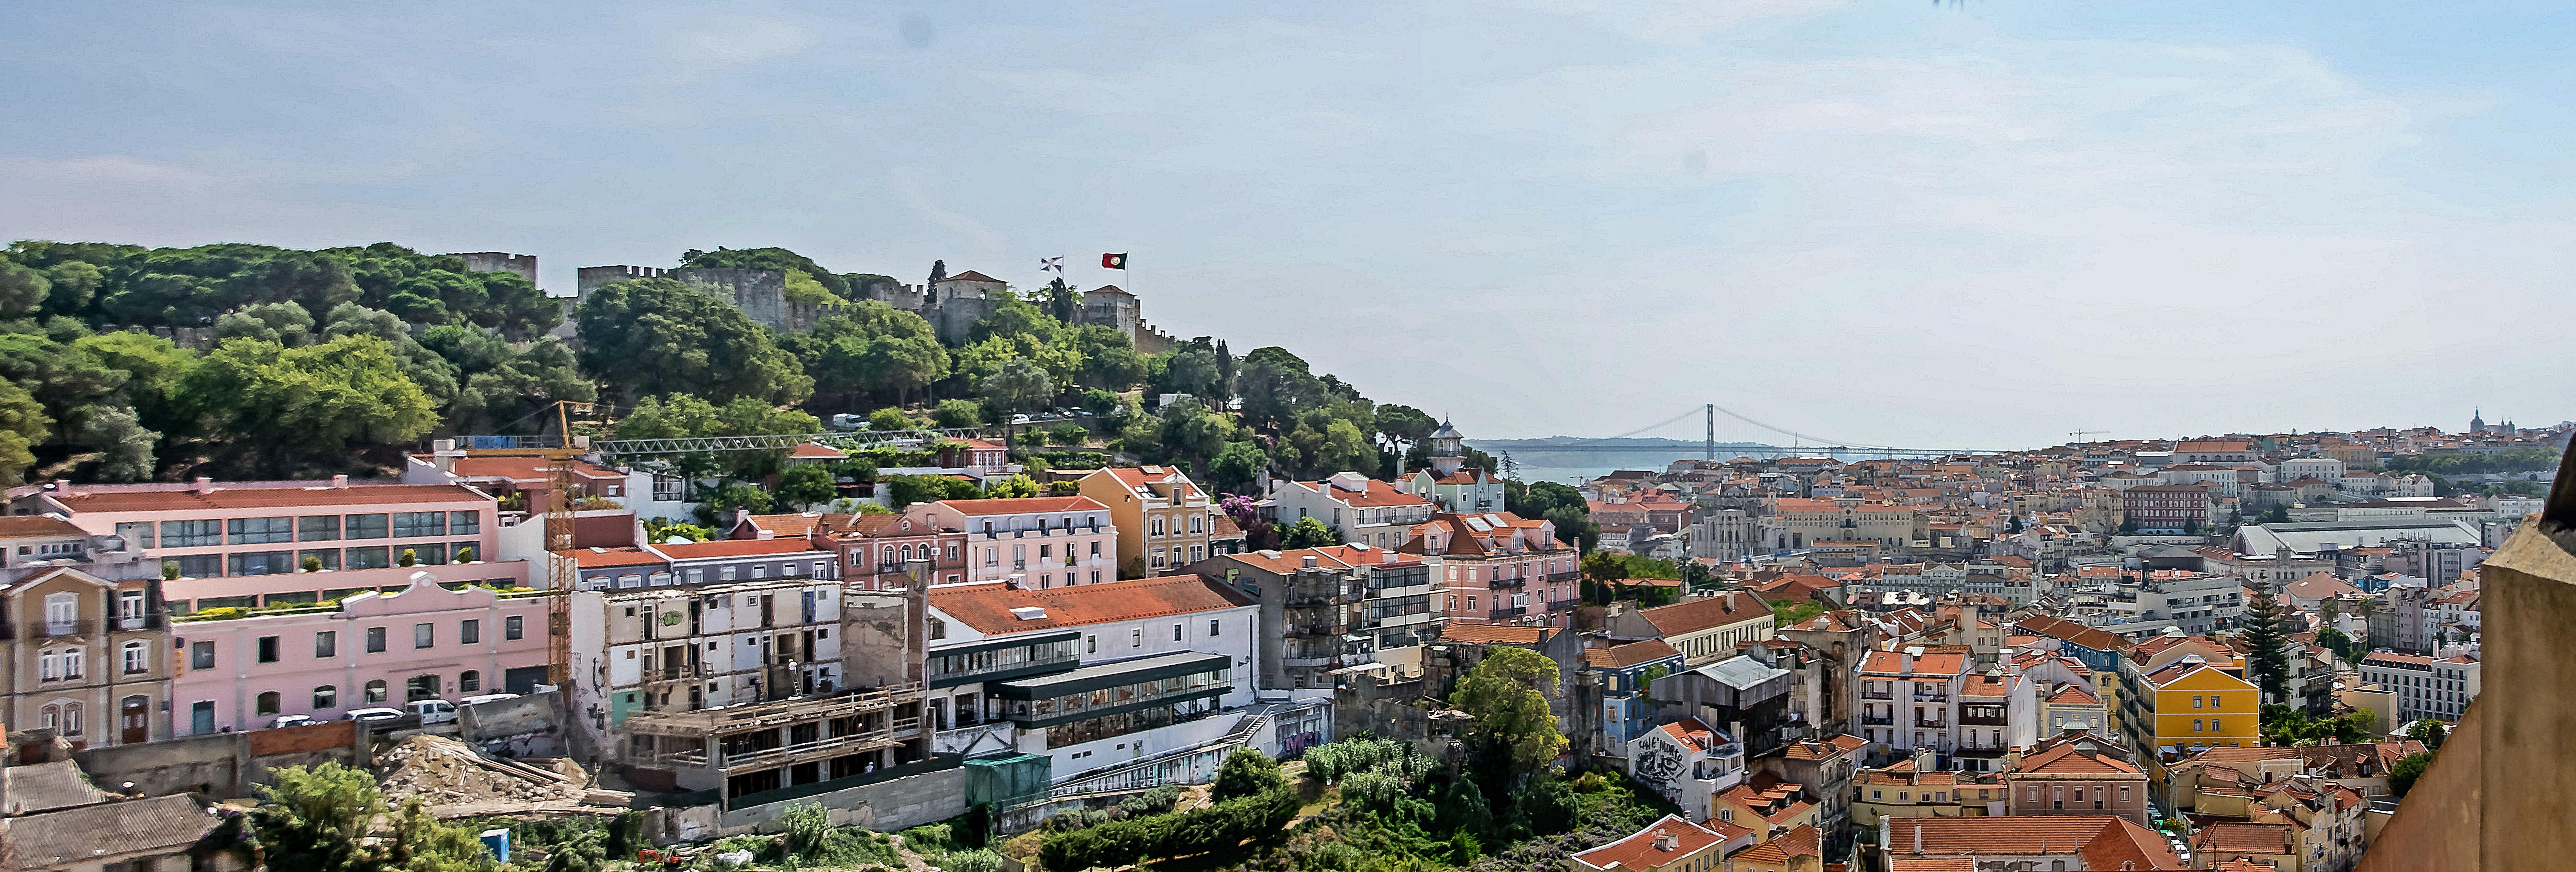 Panorama mit Blick über Lissabon